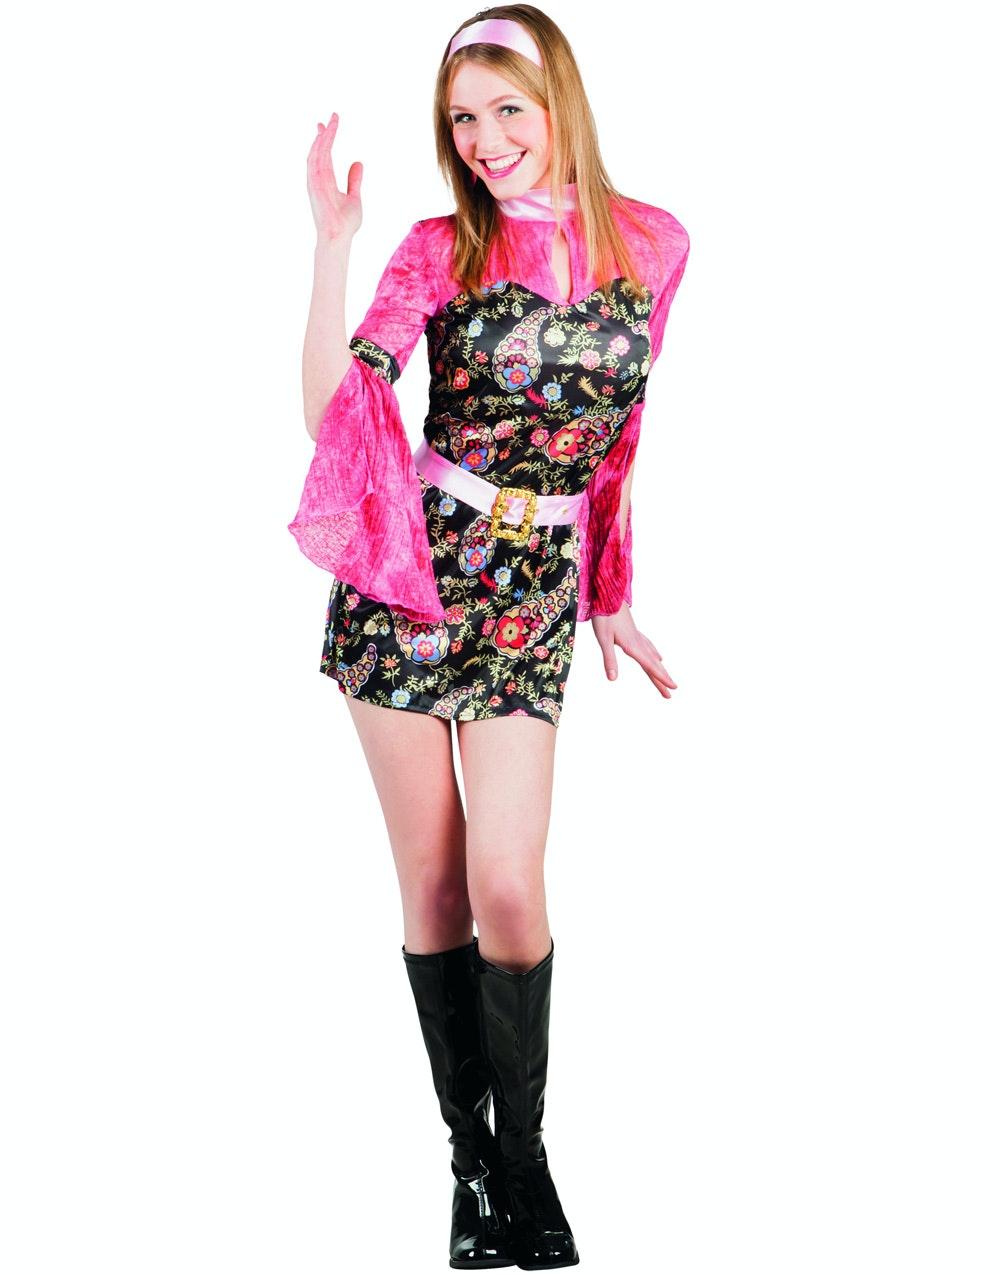 kostymer i store størrelser svensk amatør sex